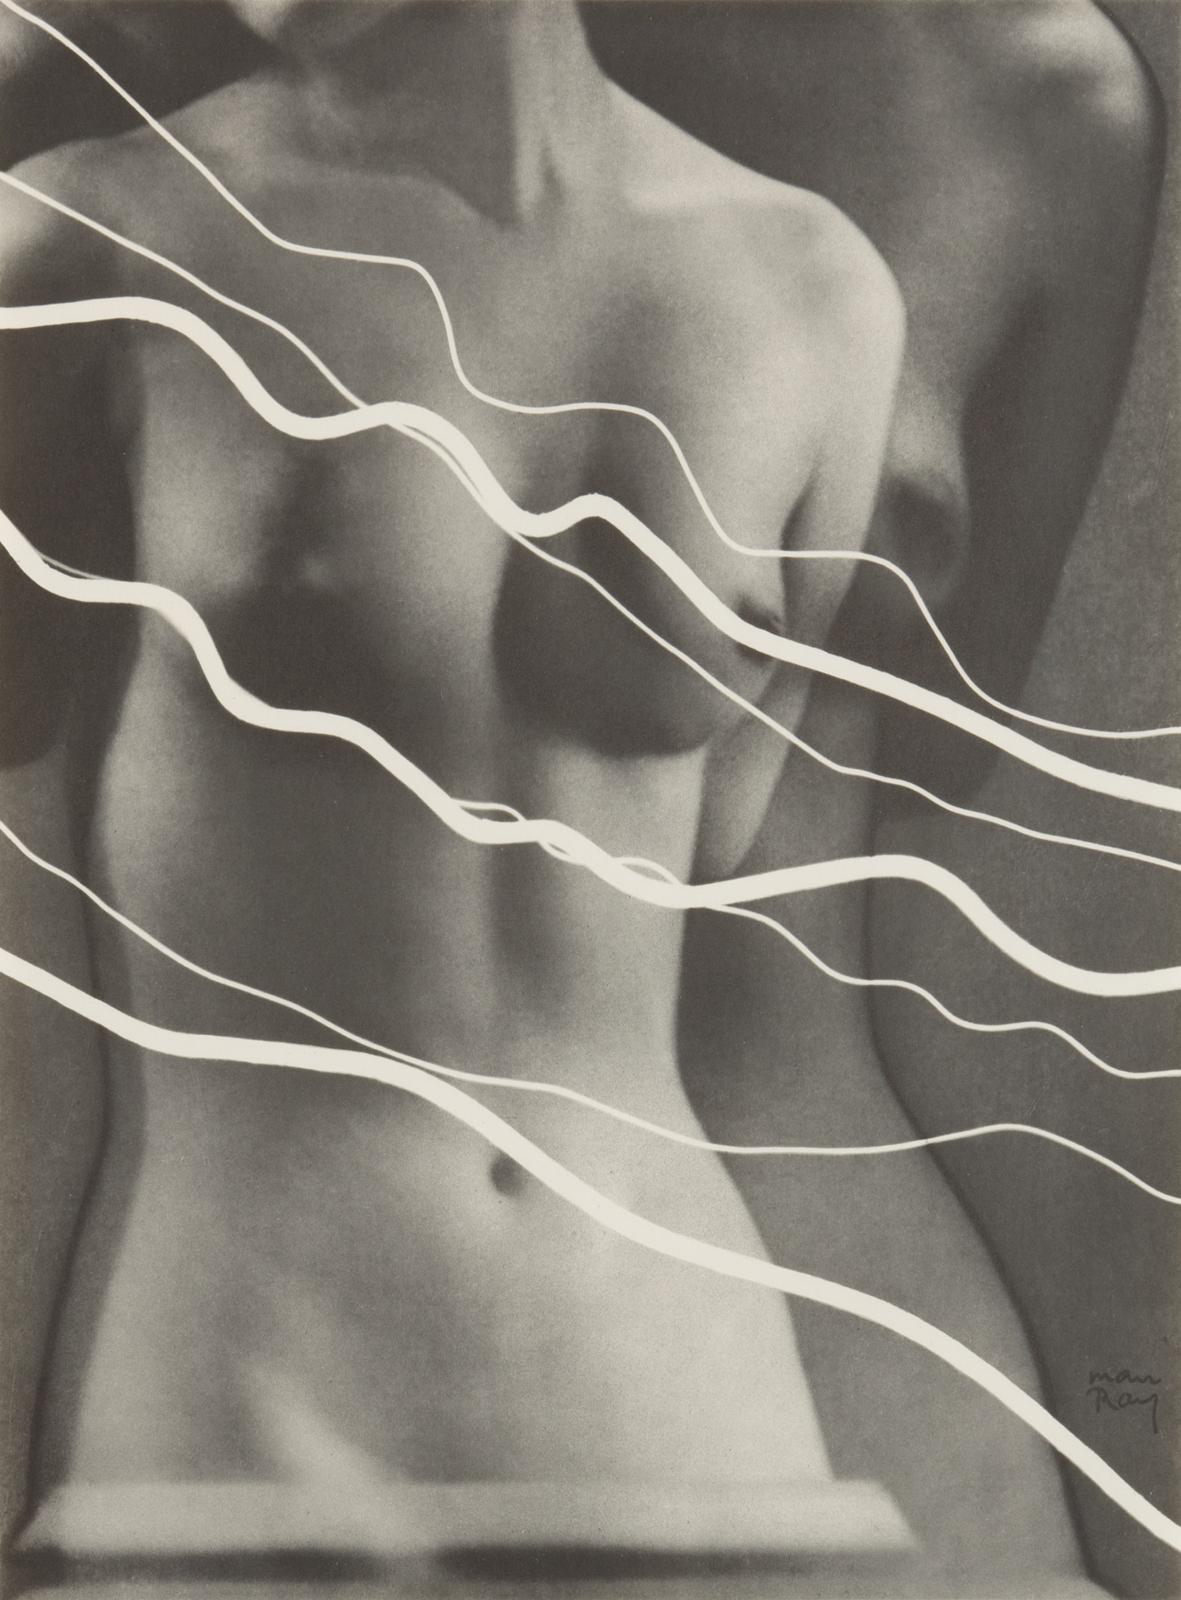 Man Ray. Electricité, 1931. Portfolio di 10 rayografie. Cm 52 x 42 x 2. Courtesy Collezione Fondazione MAST © Man Ray Trust by SIAE 2019.